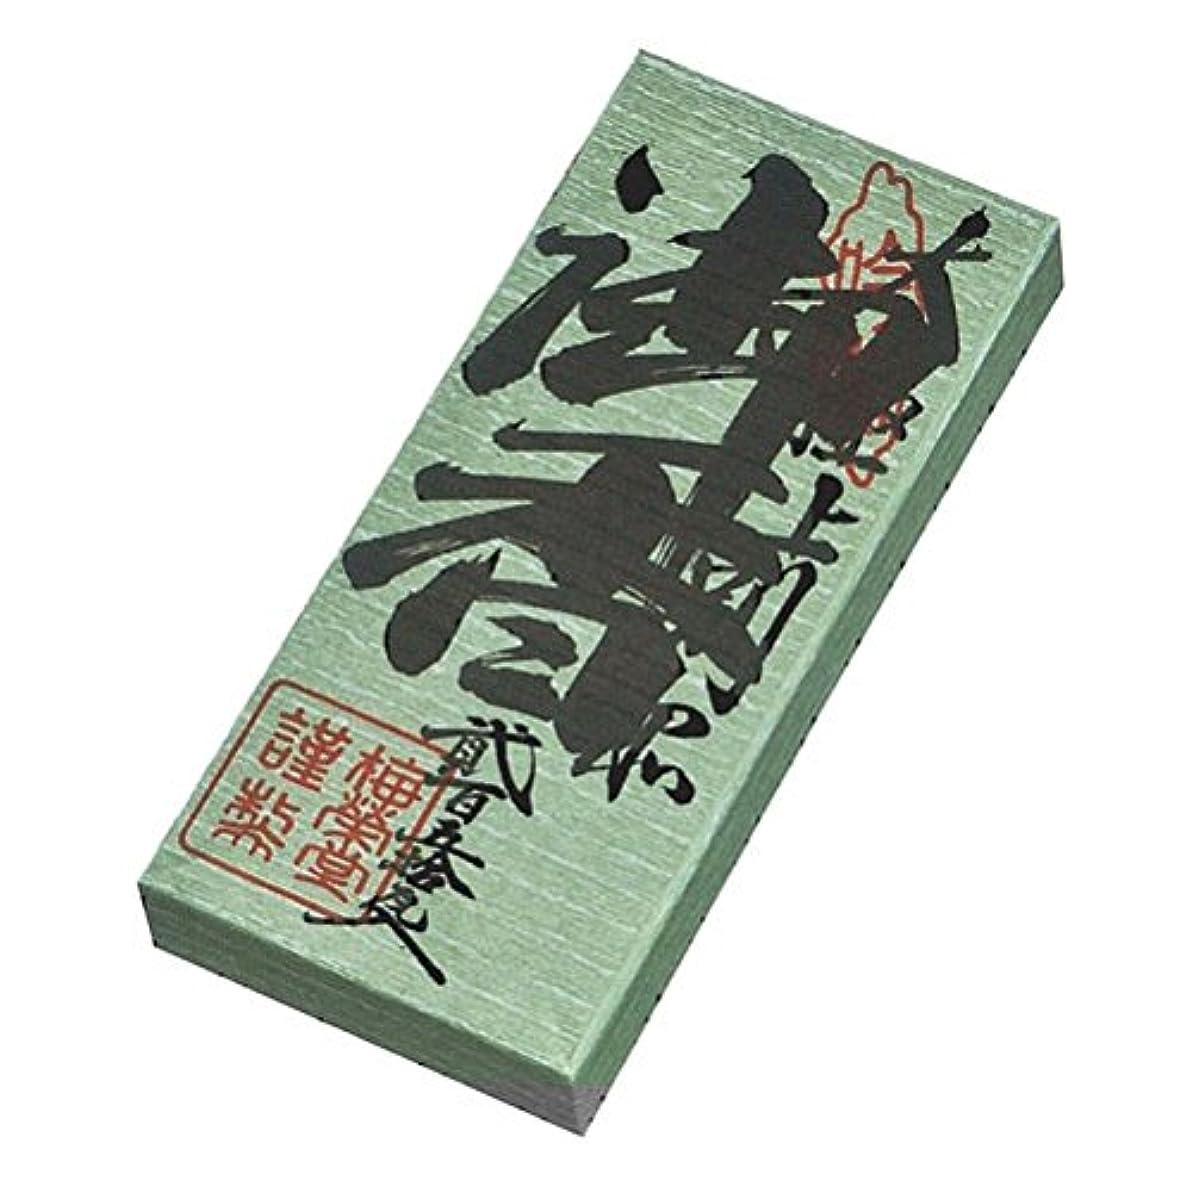 好み甘美などうやら極上鳳龍印 250g 紙箱入り お焼香 梅栄堂